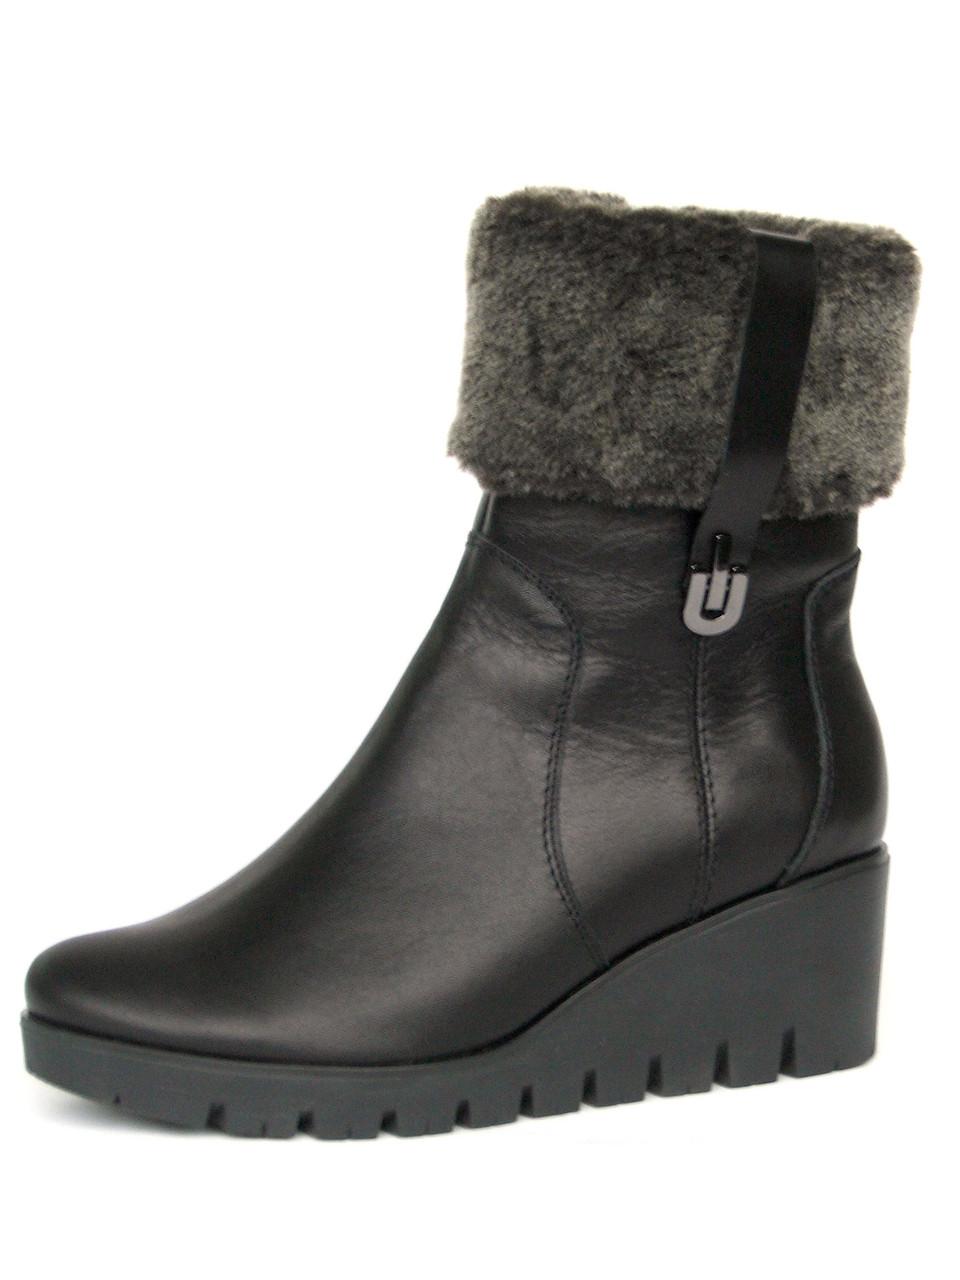 0eb6b8ed Зимние кожаные ботинки на танкетке с опушкой - купить по лучшей цене ...